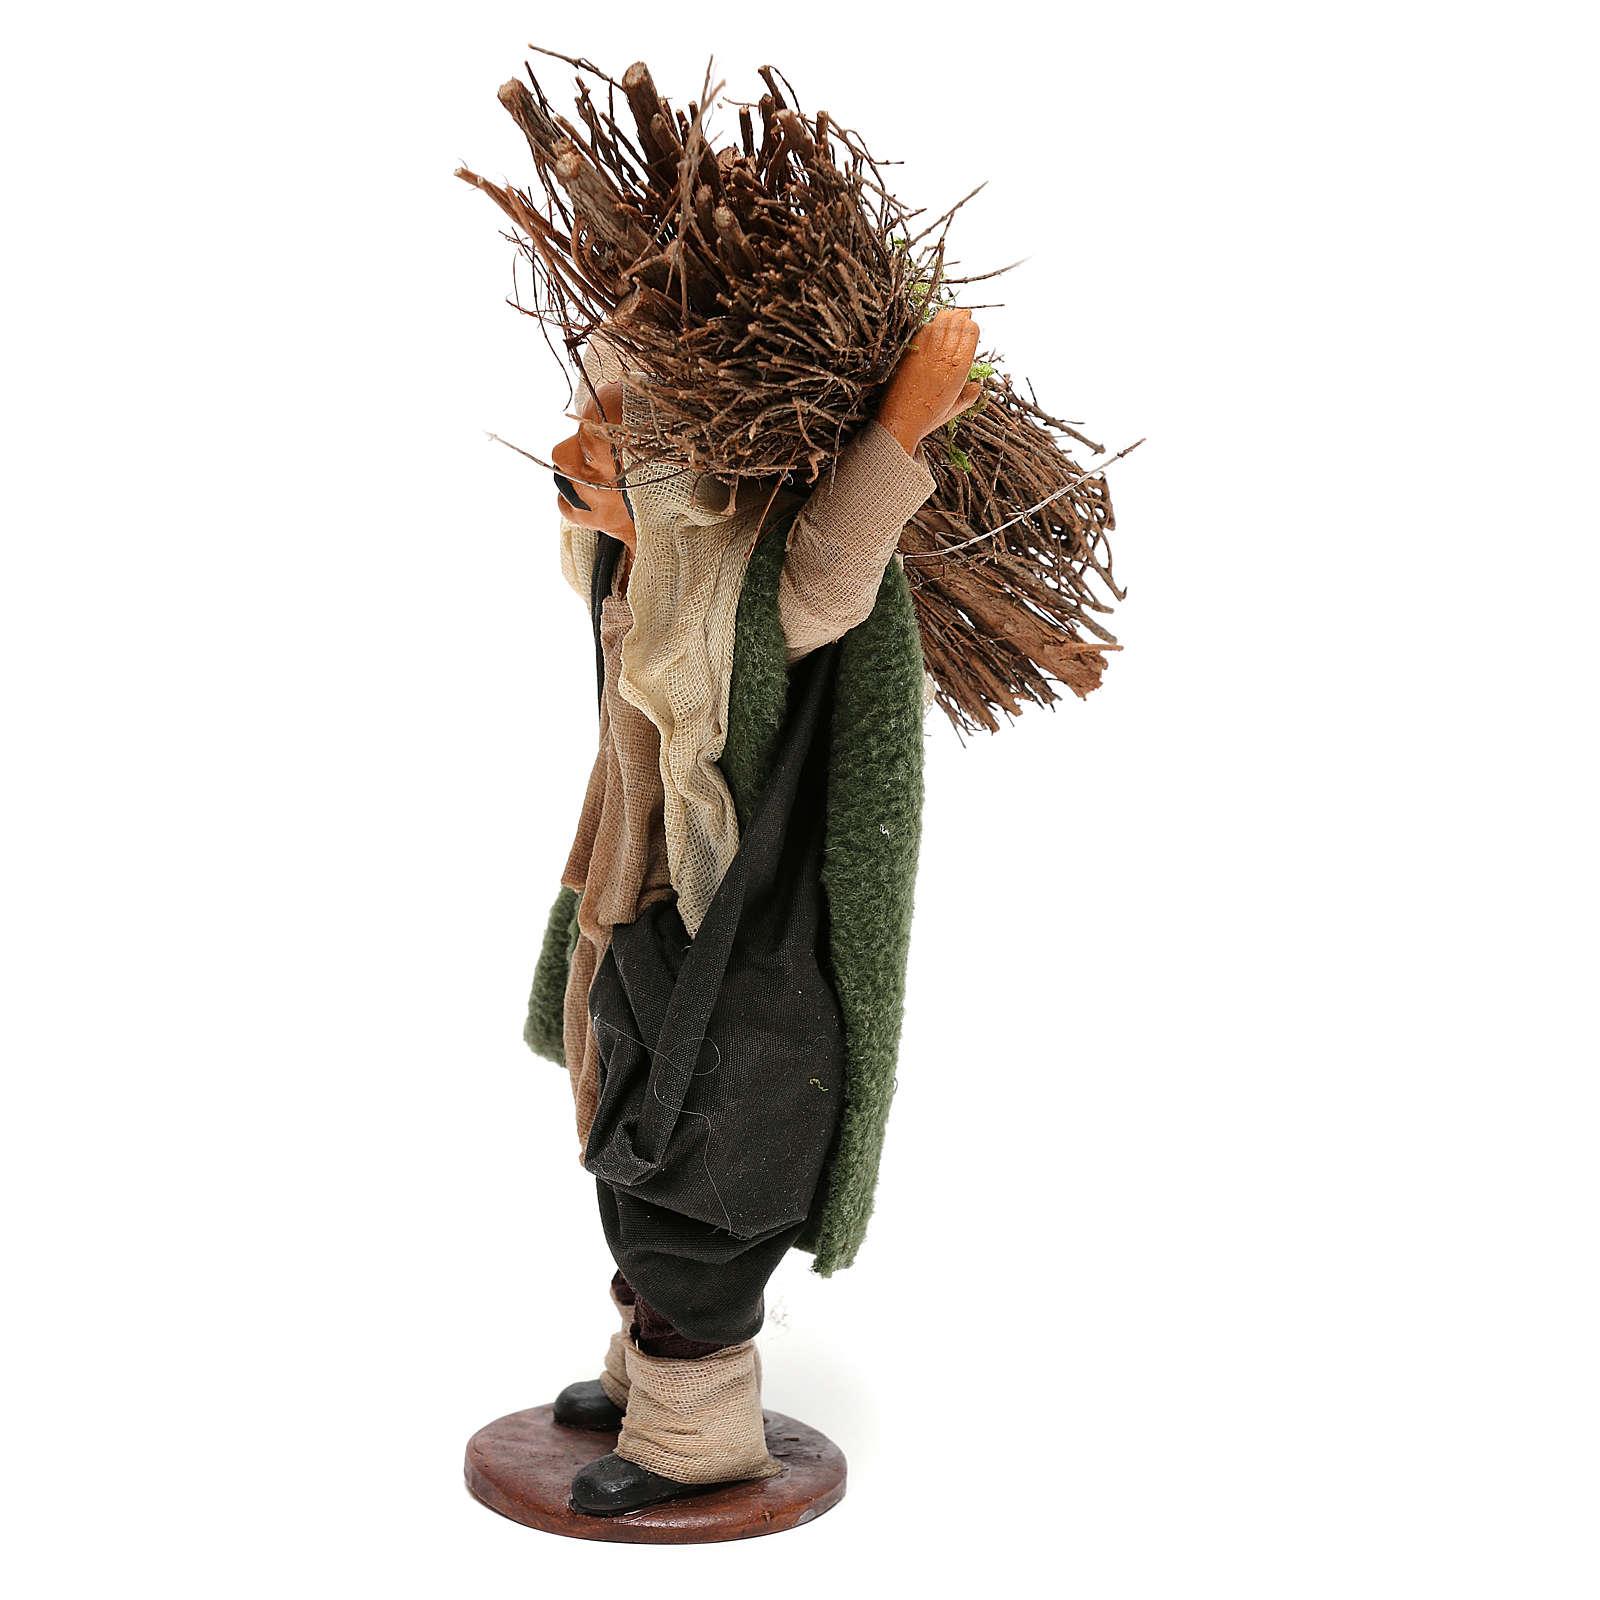 Nativity set accessory Wood cutter 14 cm figurine 4